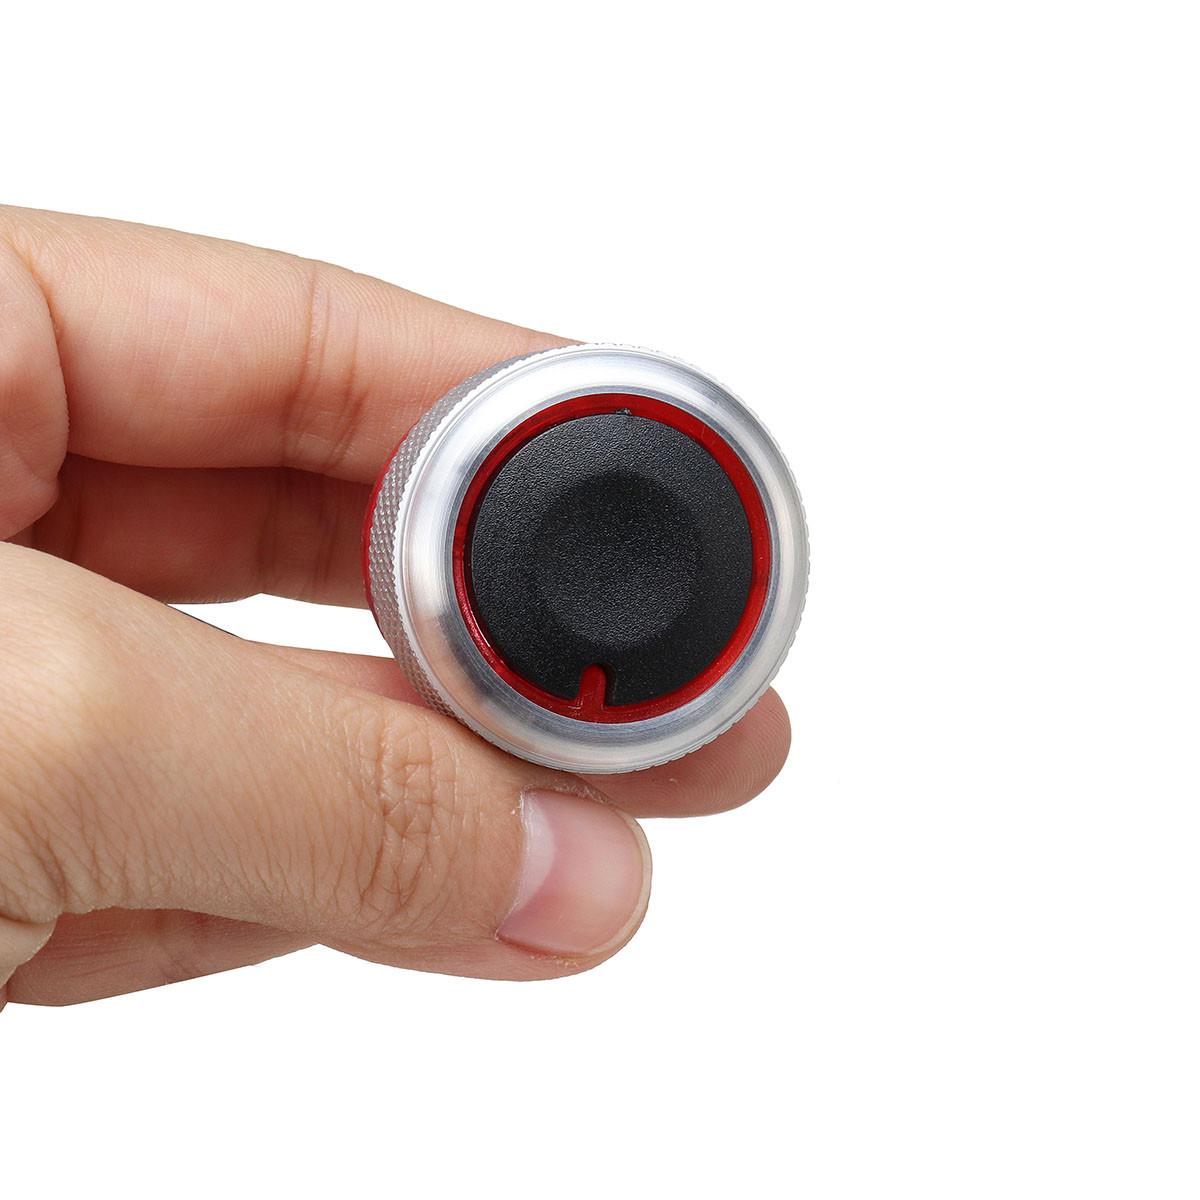 Черный серебристый 3шт Алюминиевый сплав Нагреватель Ручки Кнопки Набор для PEUGEOT 206 207 C2 - 1TopShop